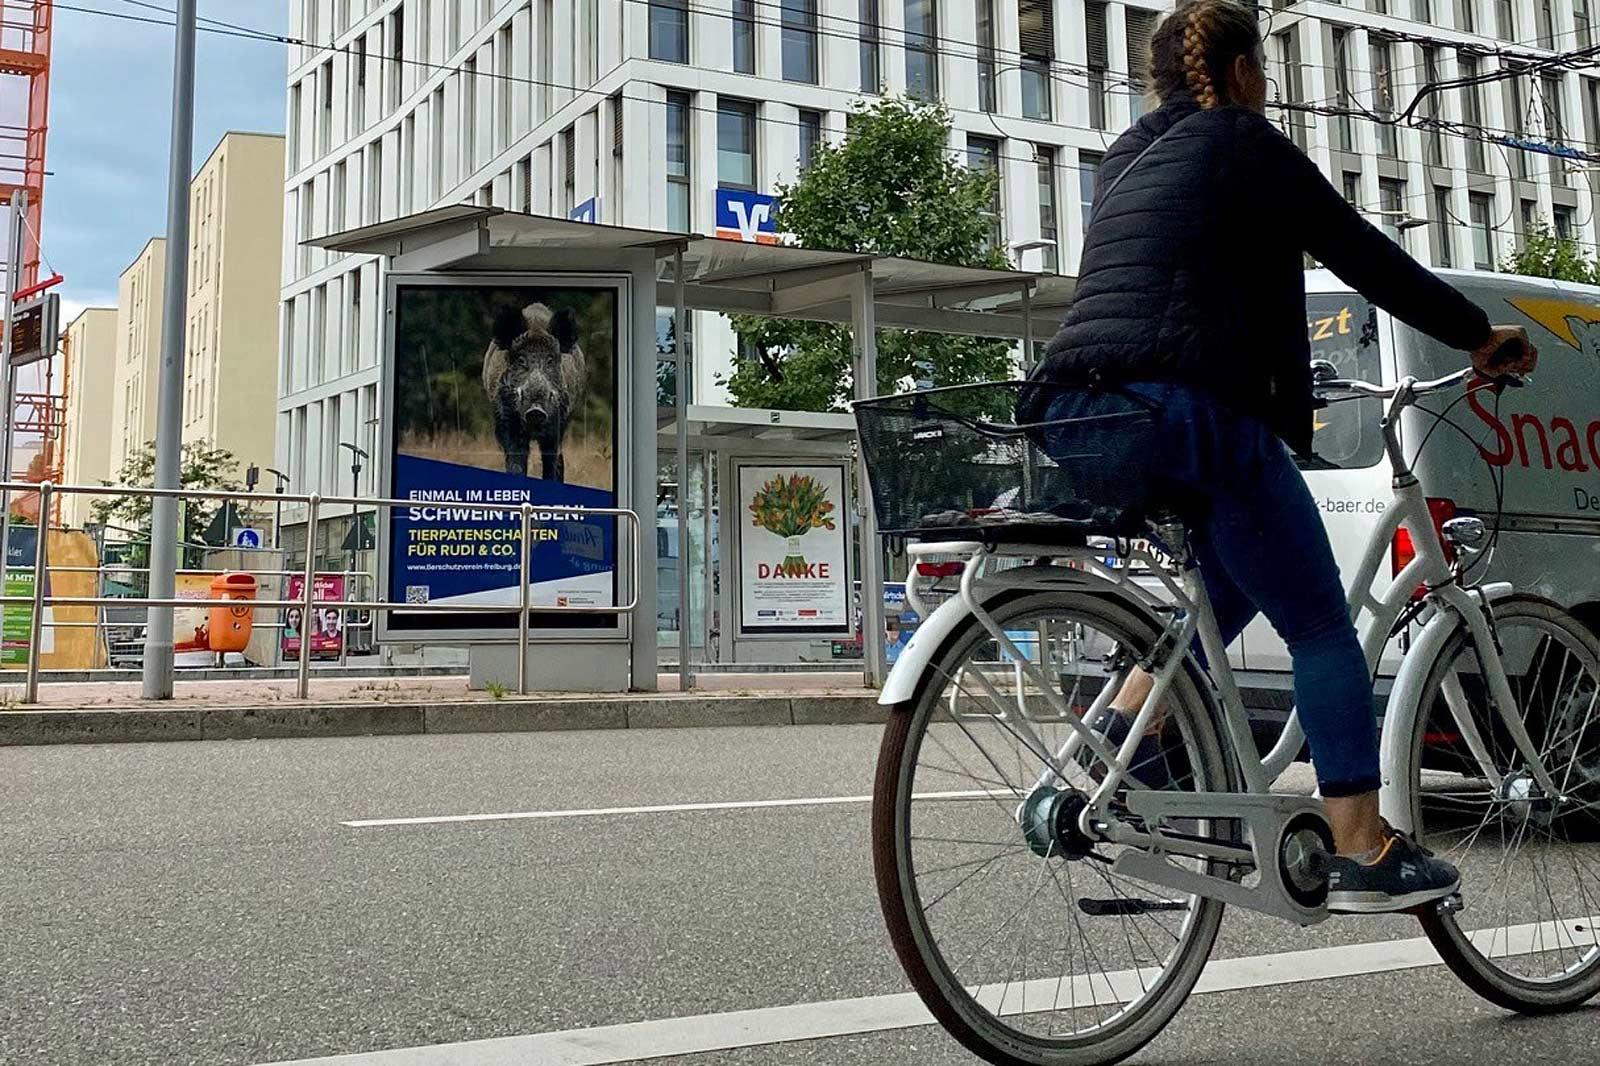 Schiffmann plakatiert als Spende 300 Plakate für Tierschutzverein Freiburg